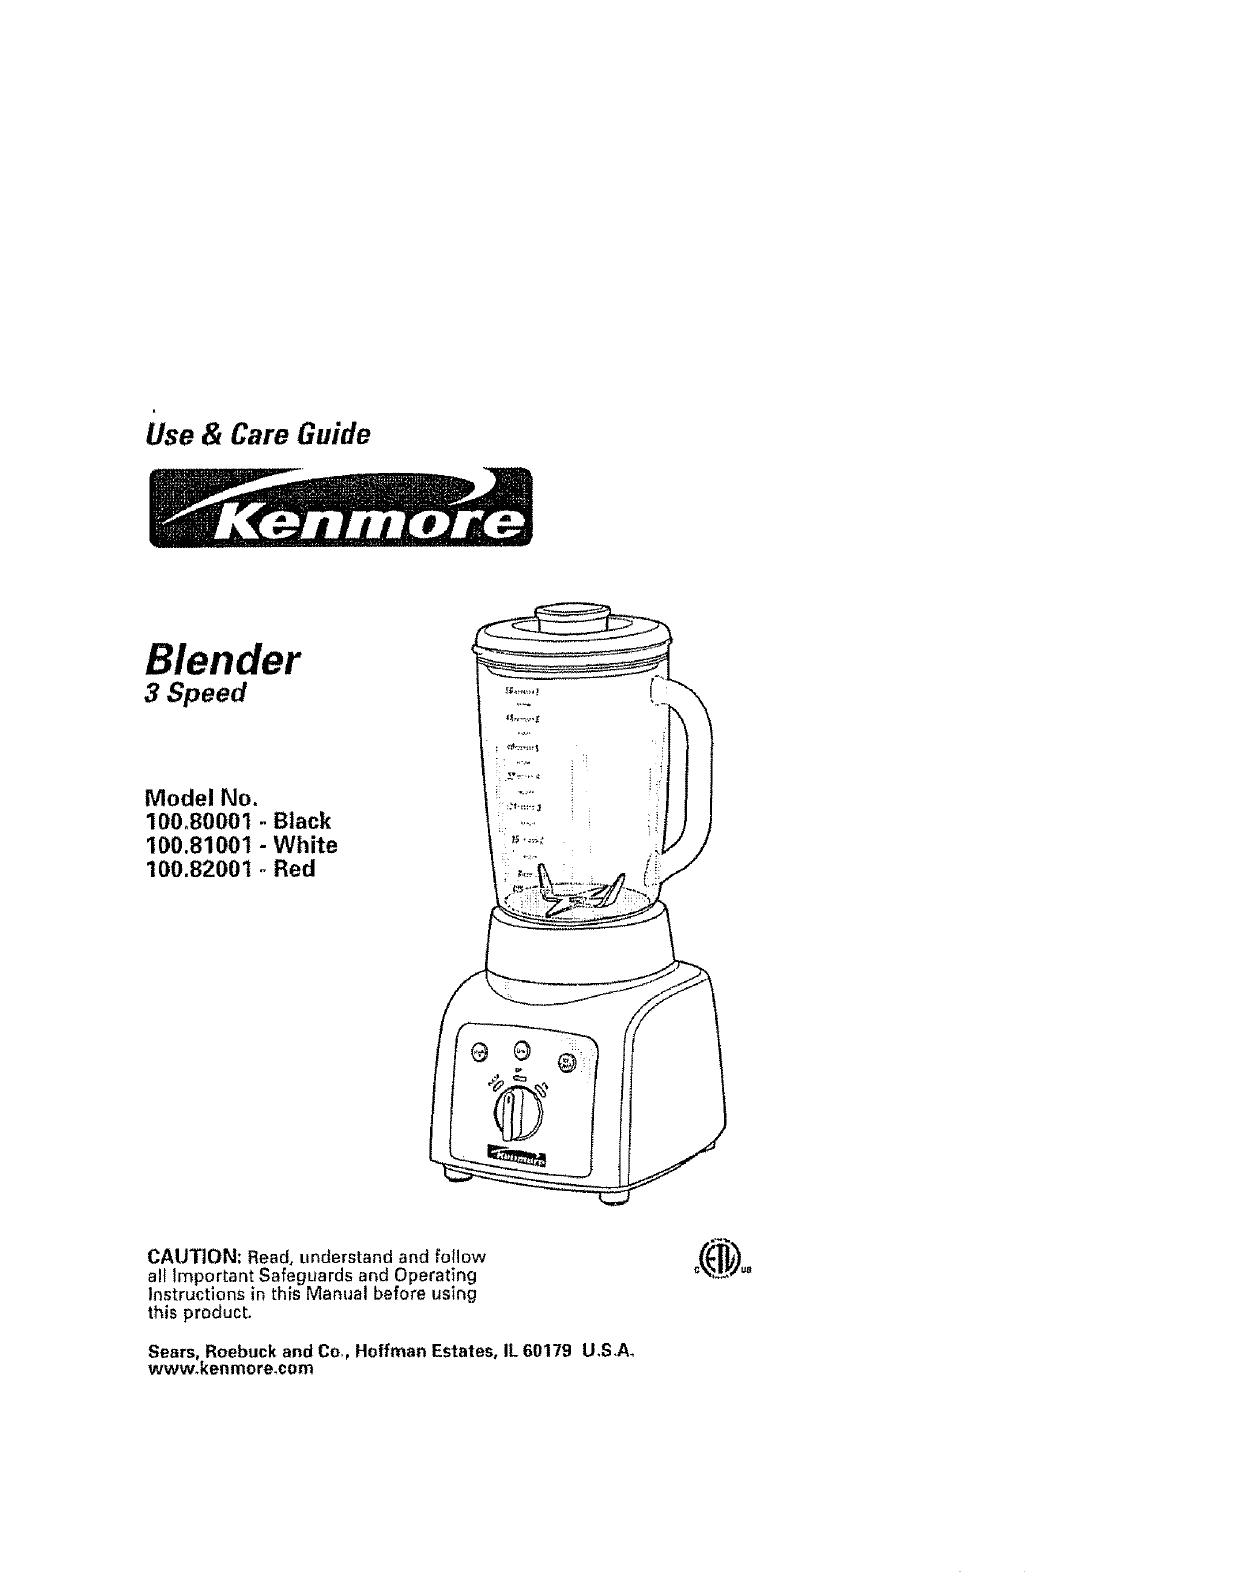 kenmore blender 100 81001 user guide manualsonline com kenmore elite dishwasher manual 665 kenmore elite dishwasher owners manual